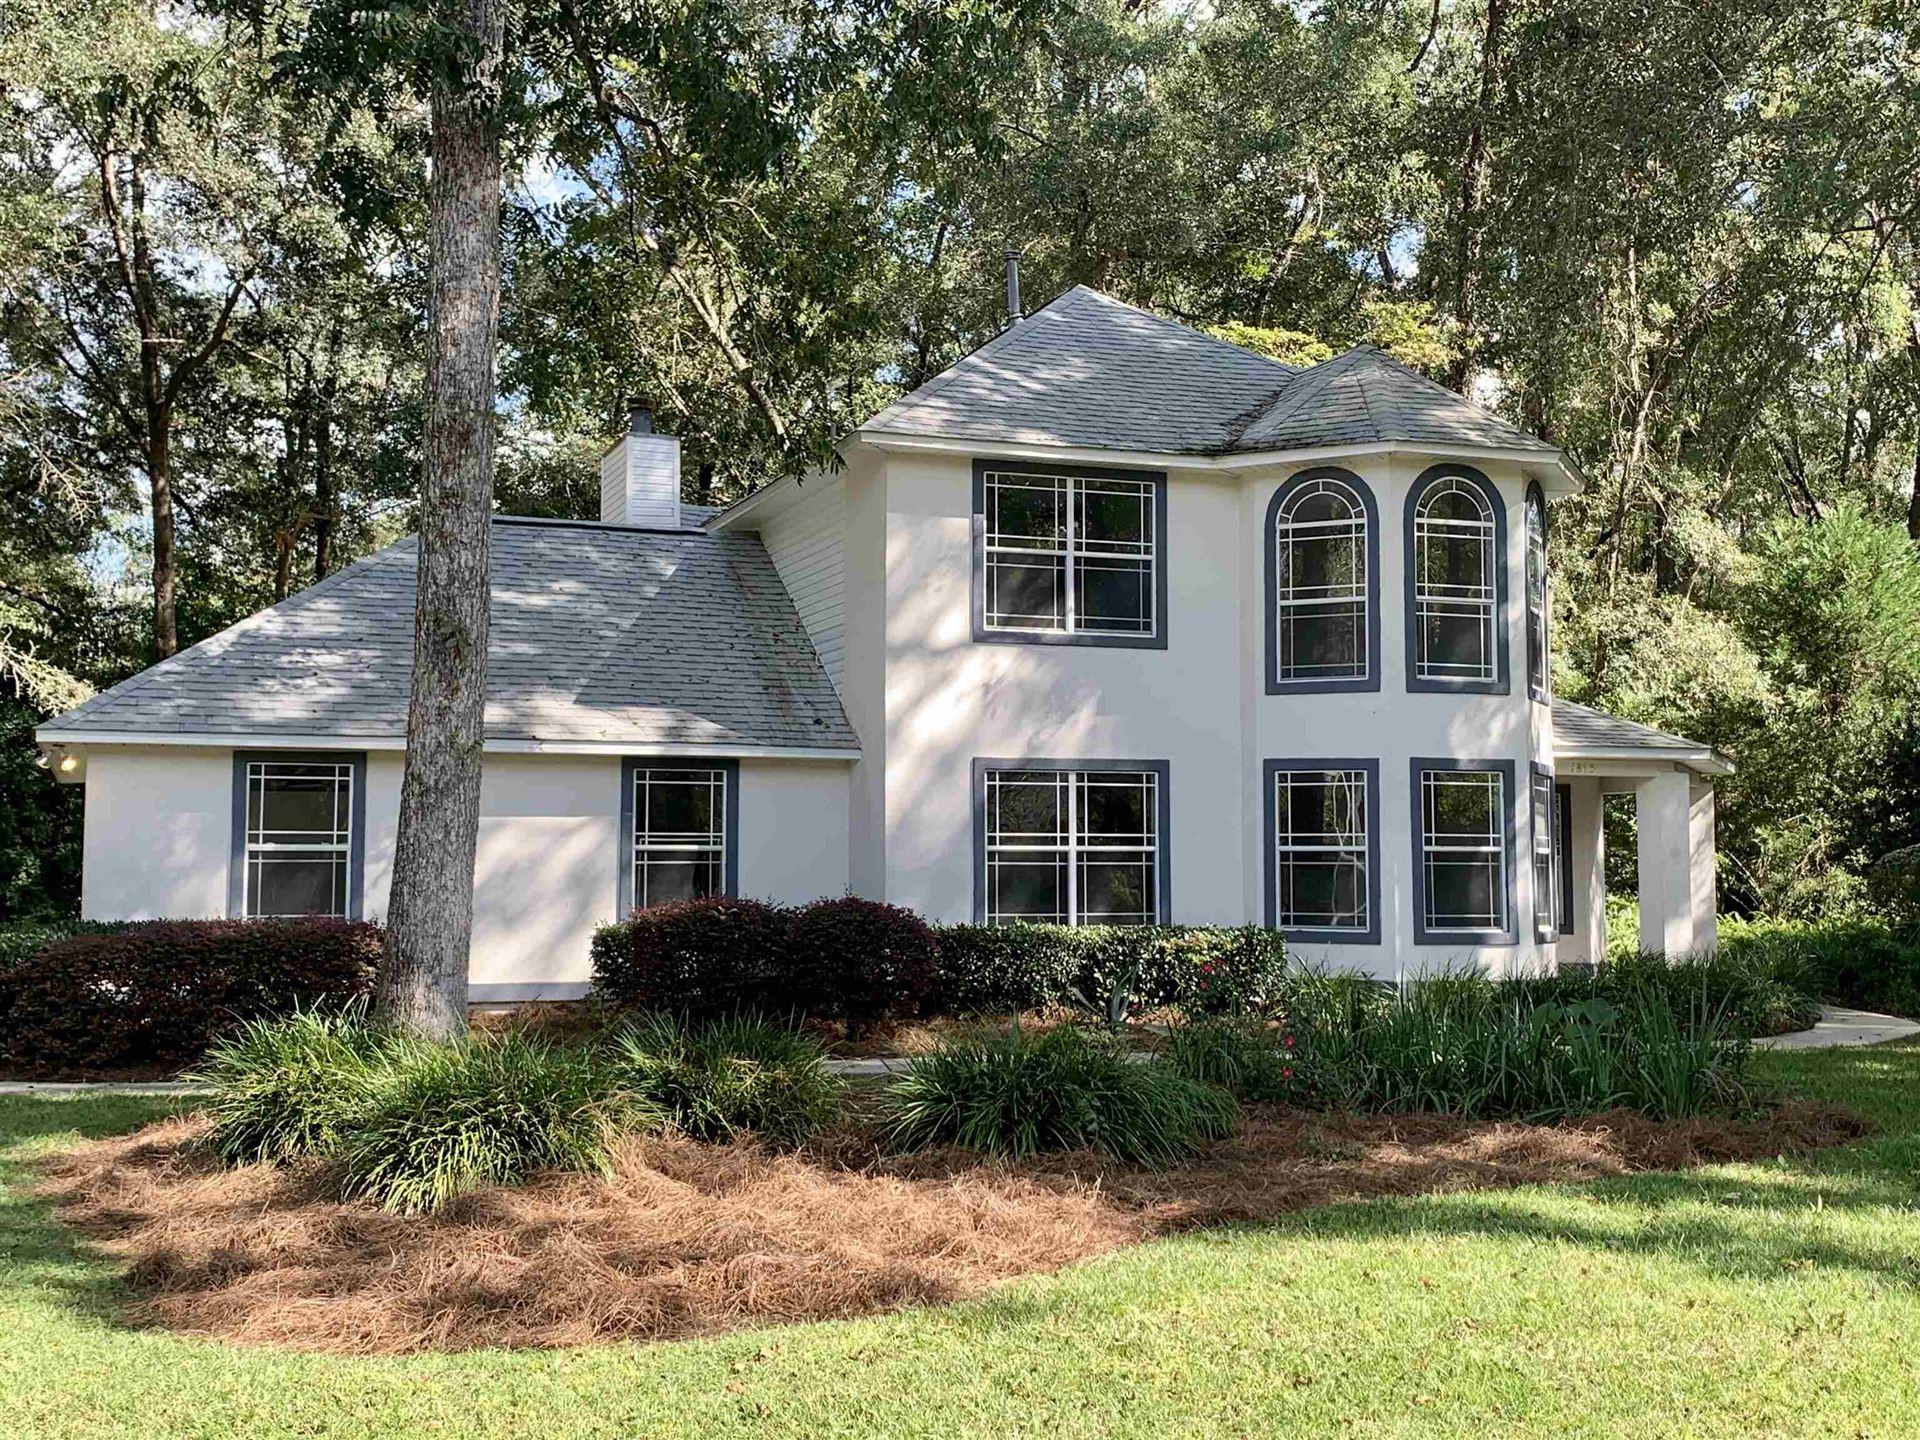 1815 W WAGON WHEEL CIRCLE, Tallahassee, FL 32317 - MLS#: 338485